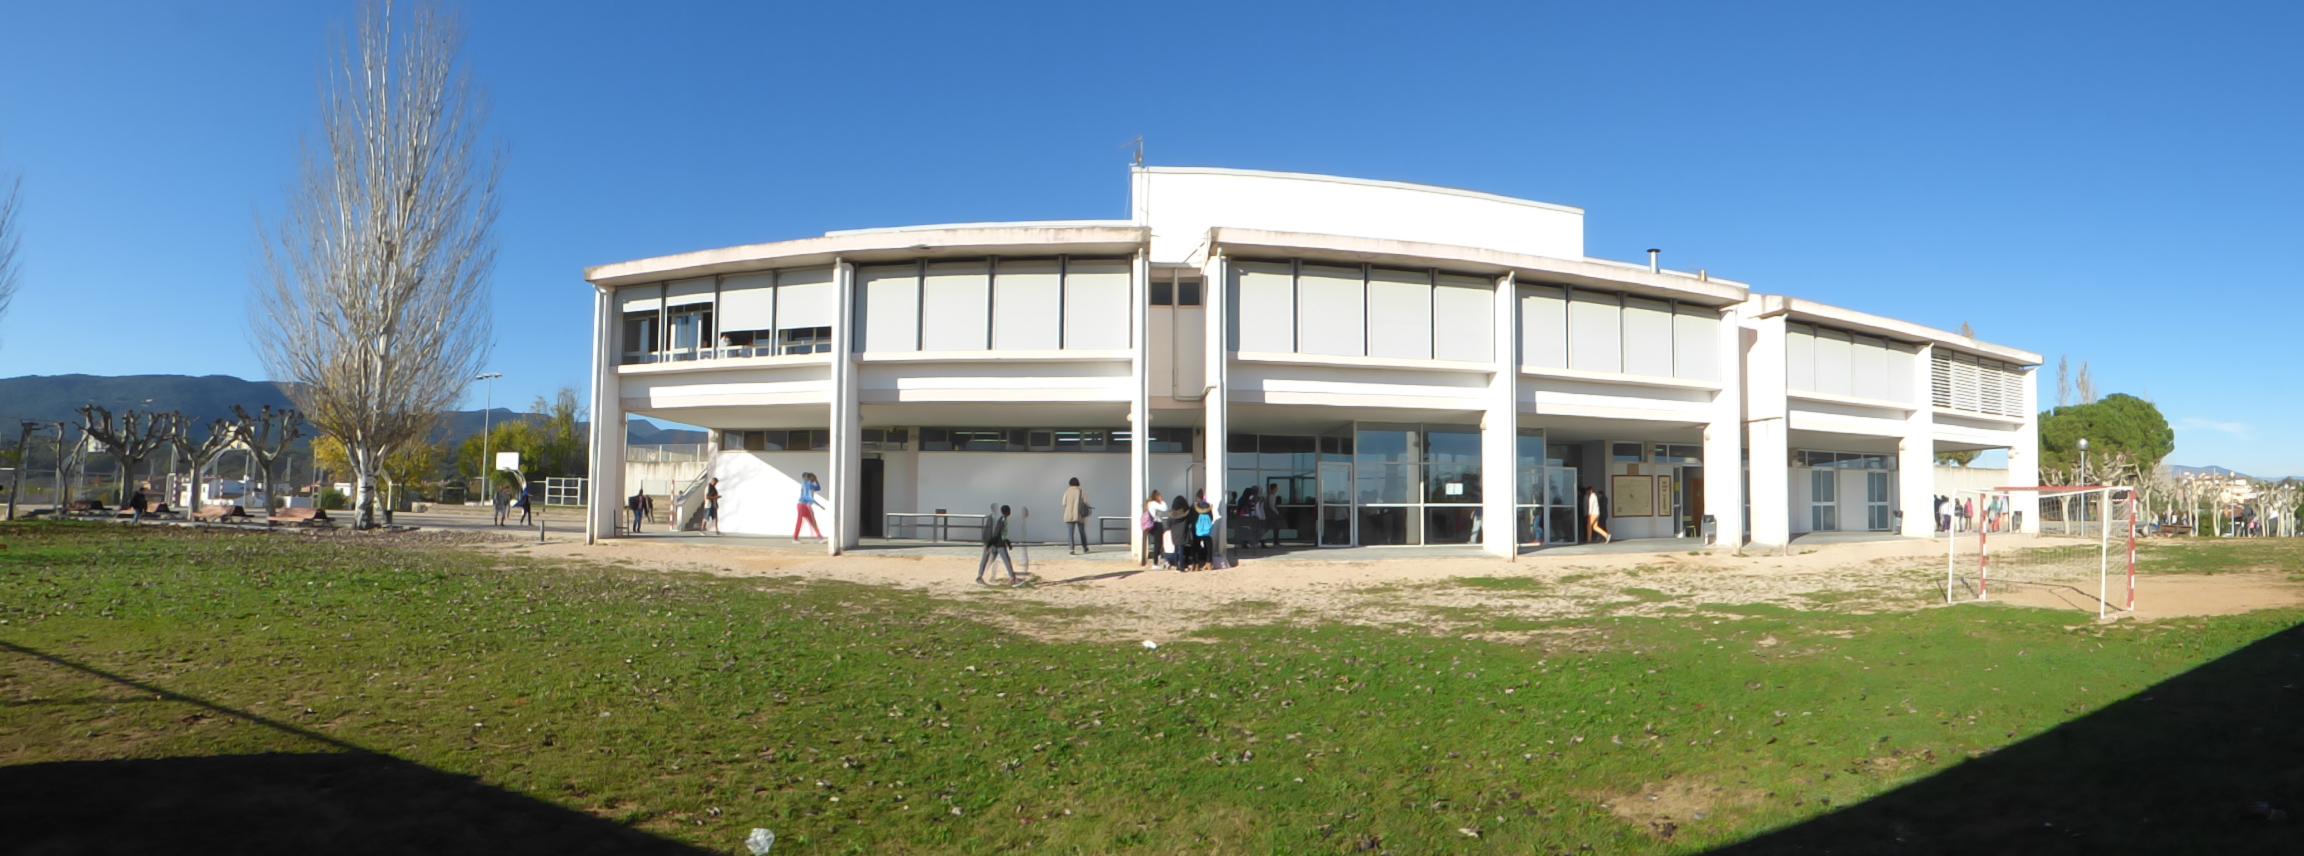 Vista exterior del centre